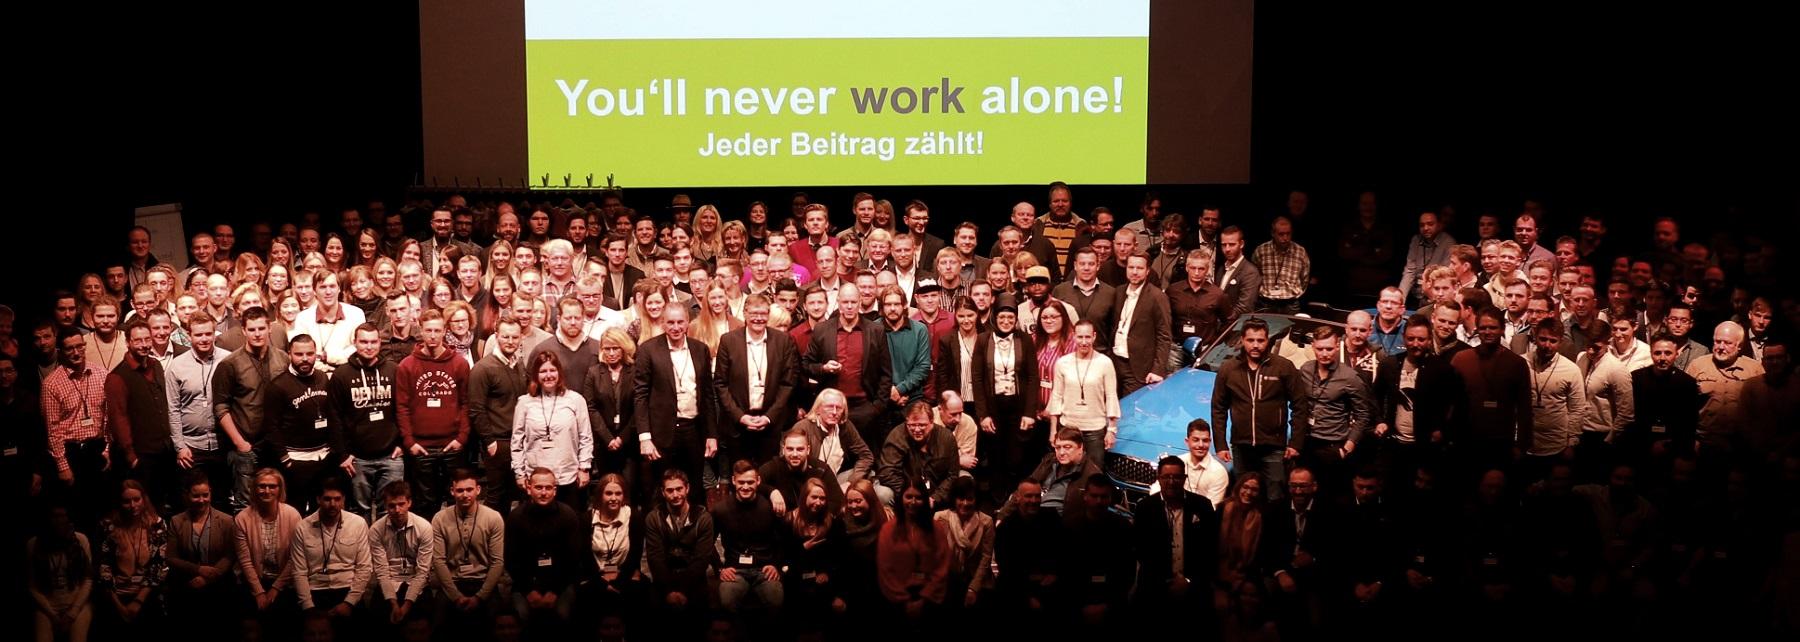 Keynote Speaker und Leadership Experten für Teamwork